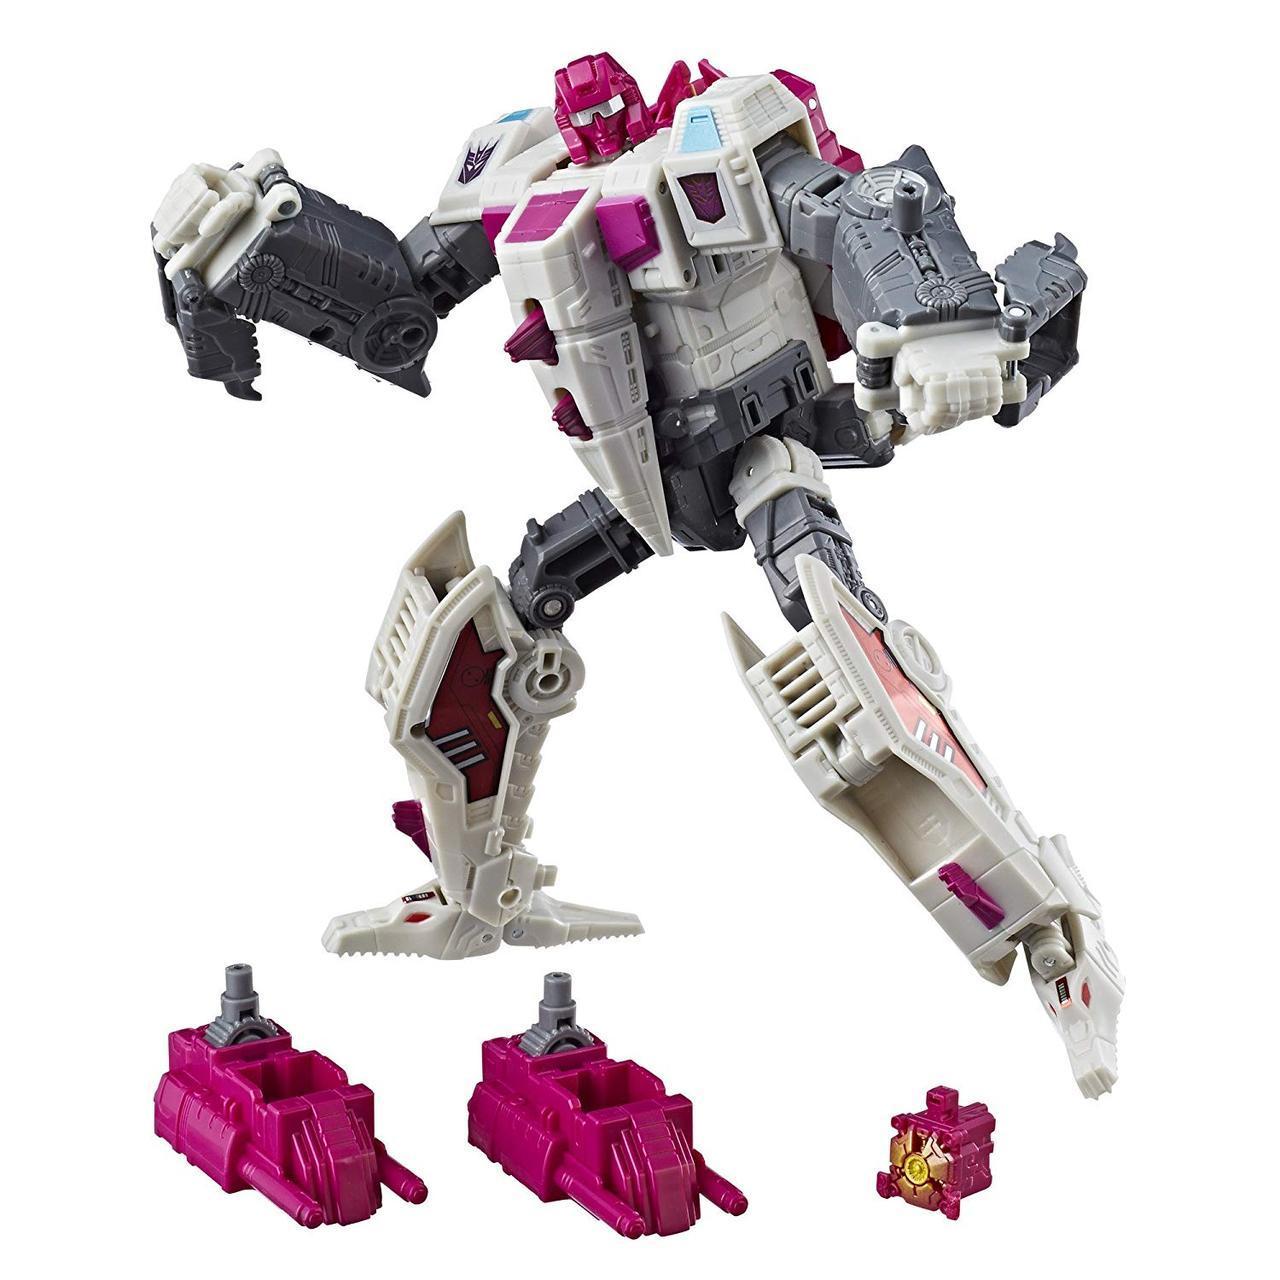 """Робот-трансформер, Хен-Гур, """"Сила Праймов"""" 23 см - Hasbro, """"Power of the Primes"""" Hun-gurrr Voyager Class 23 сm"""